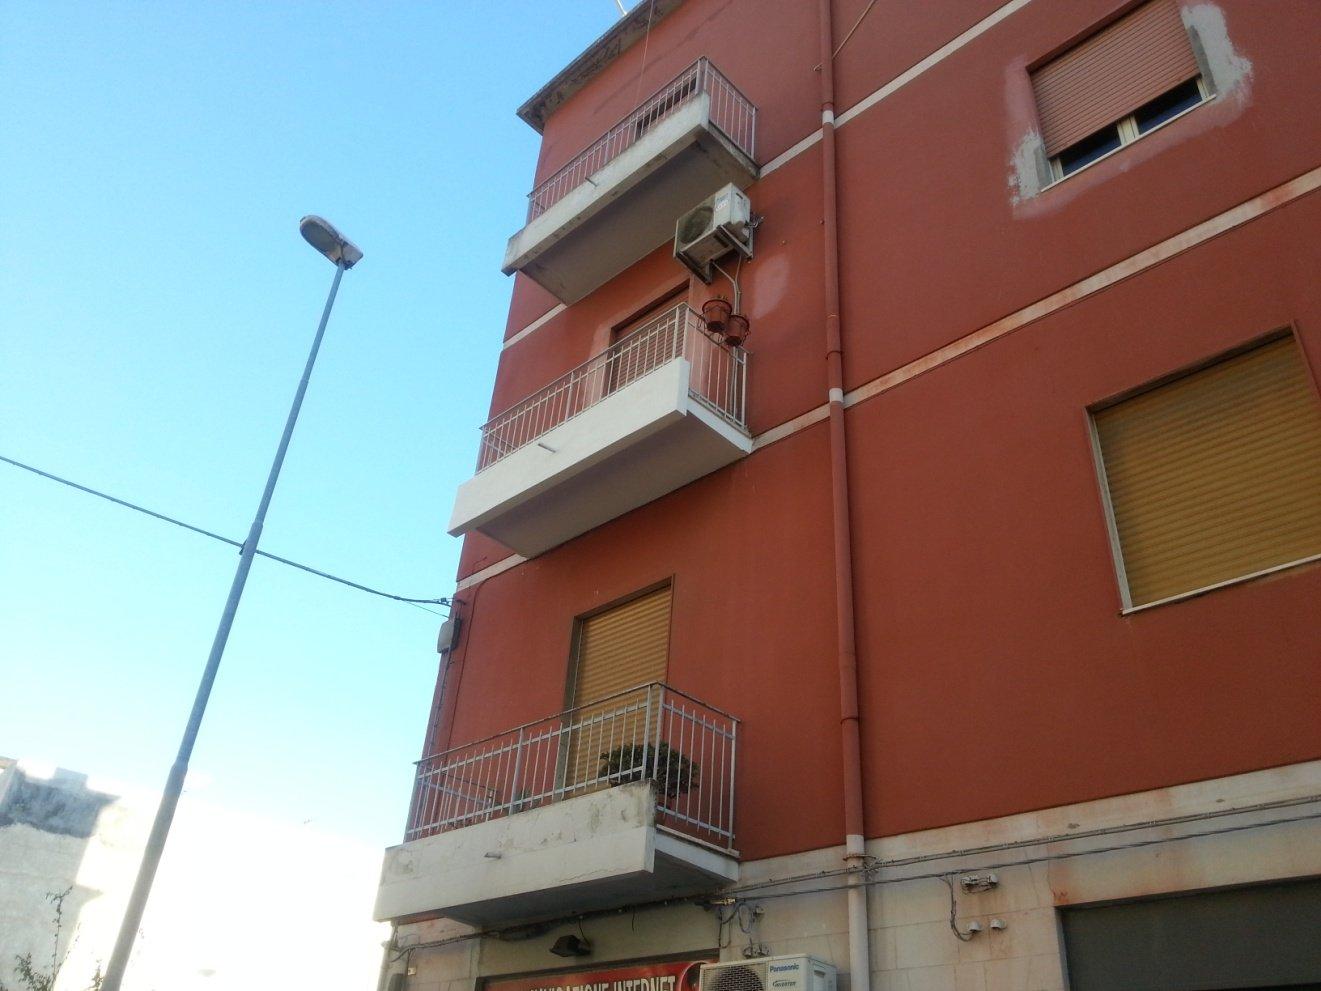 parete rossa con terrazzi in cemento bianco